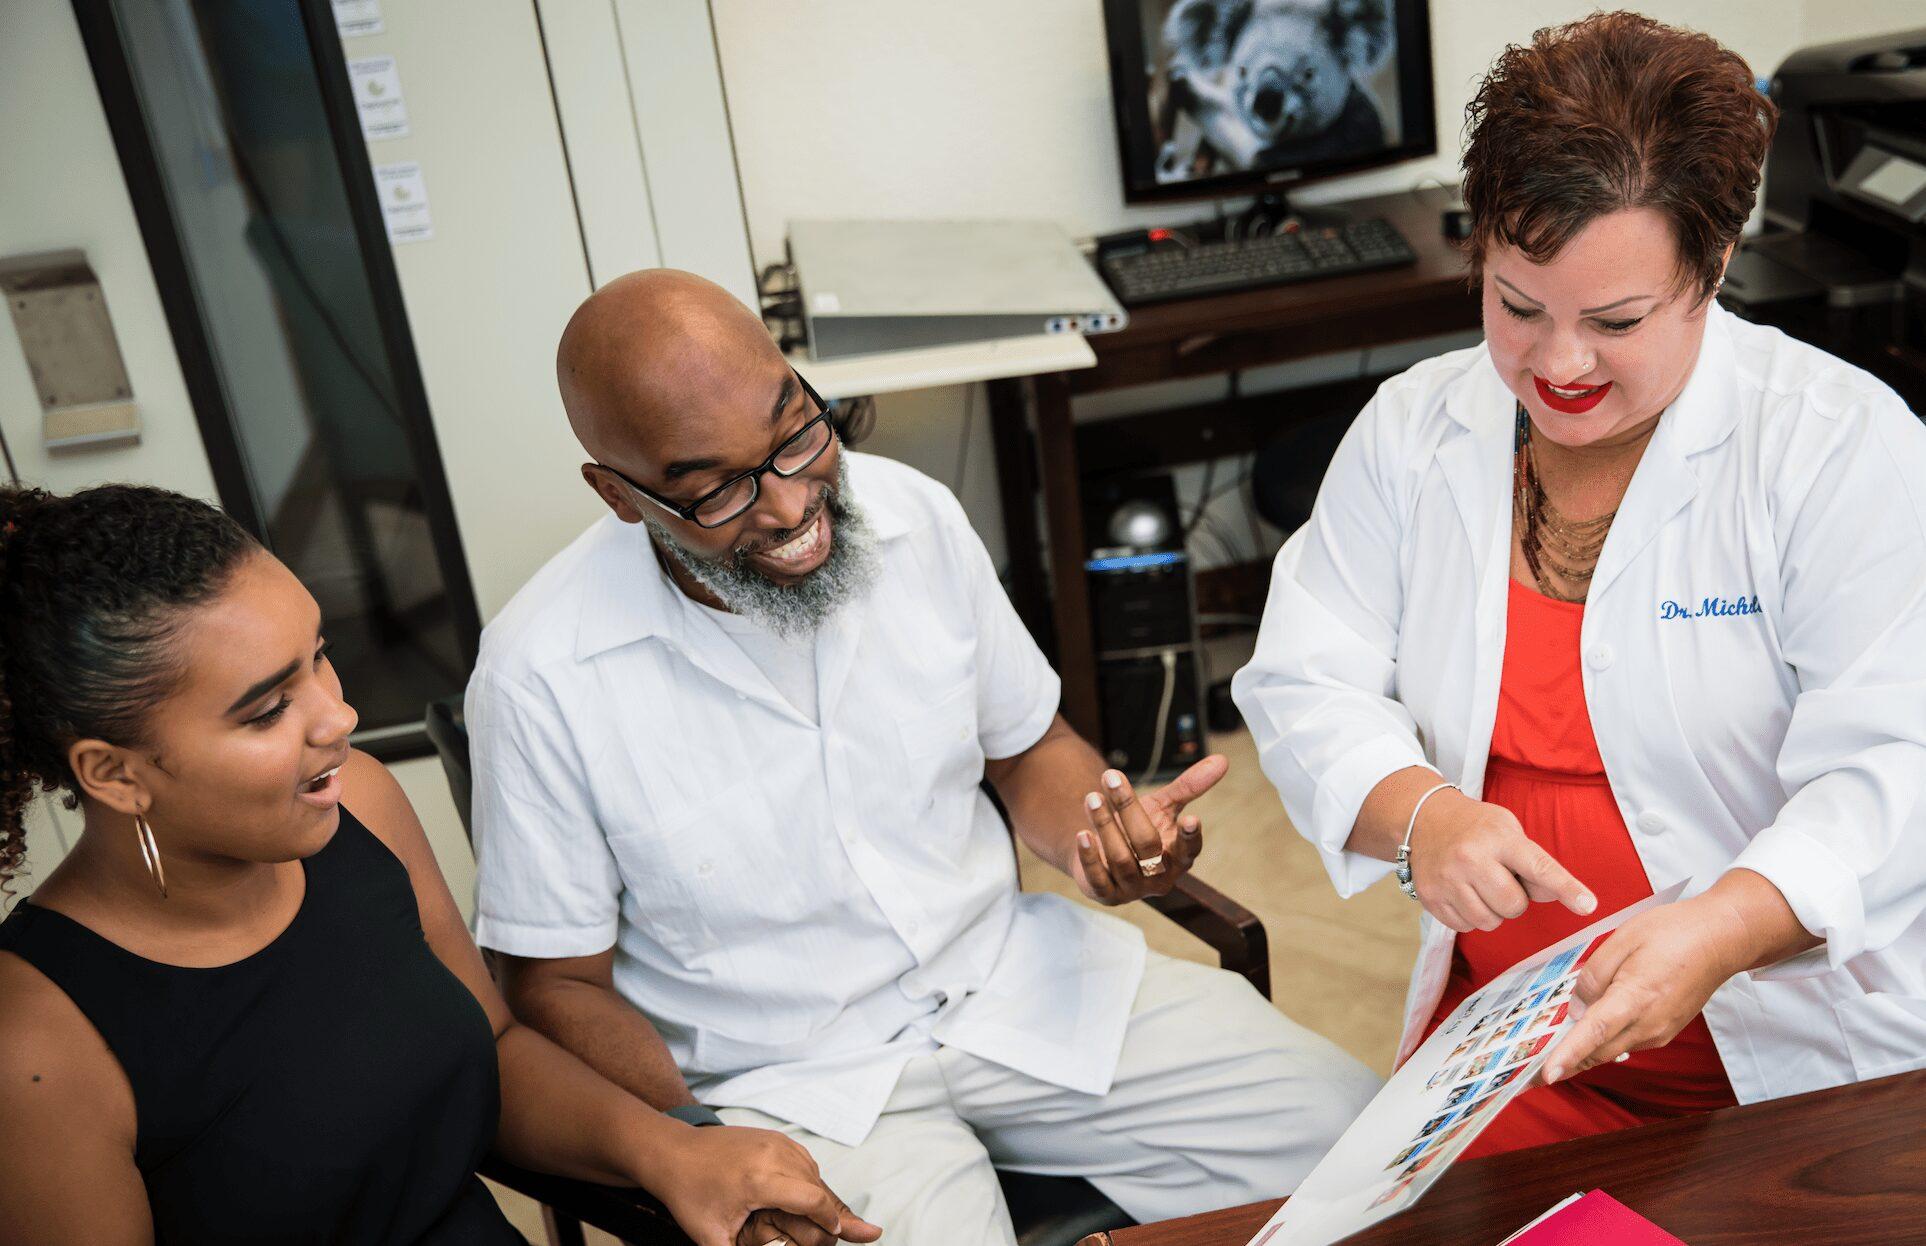 Dr. Michelle with patients | Dr Michelle